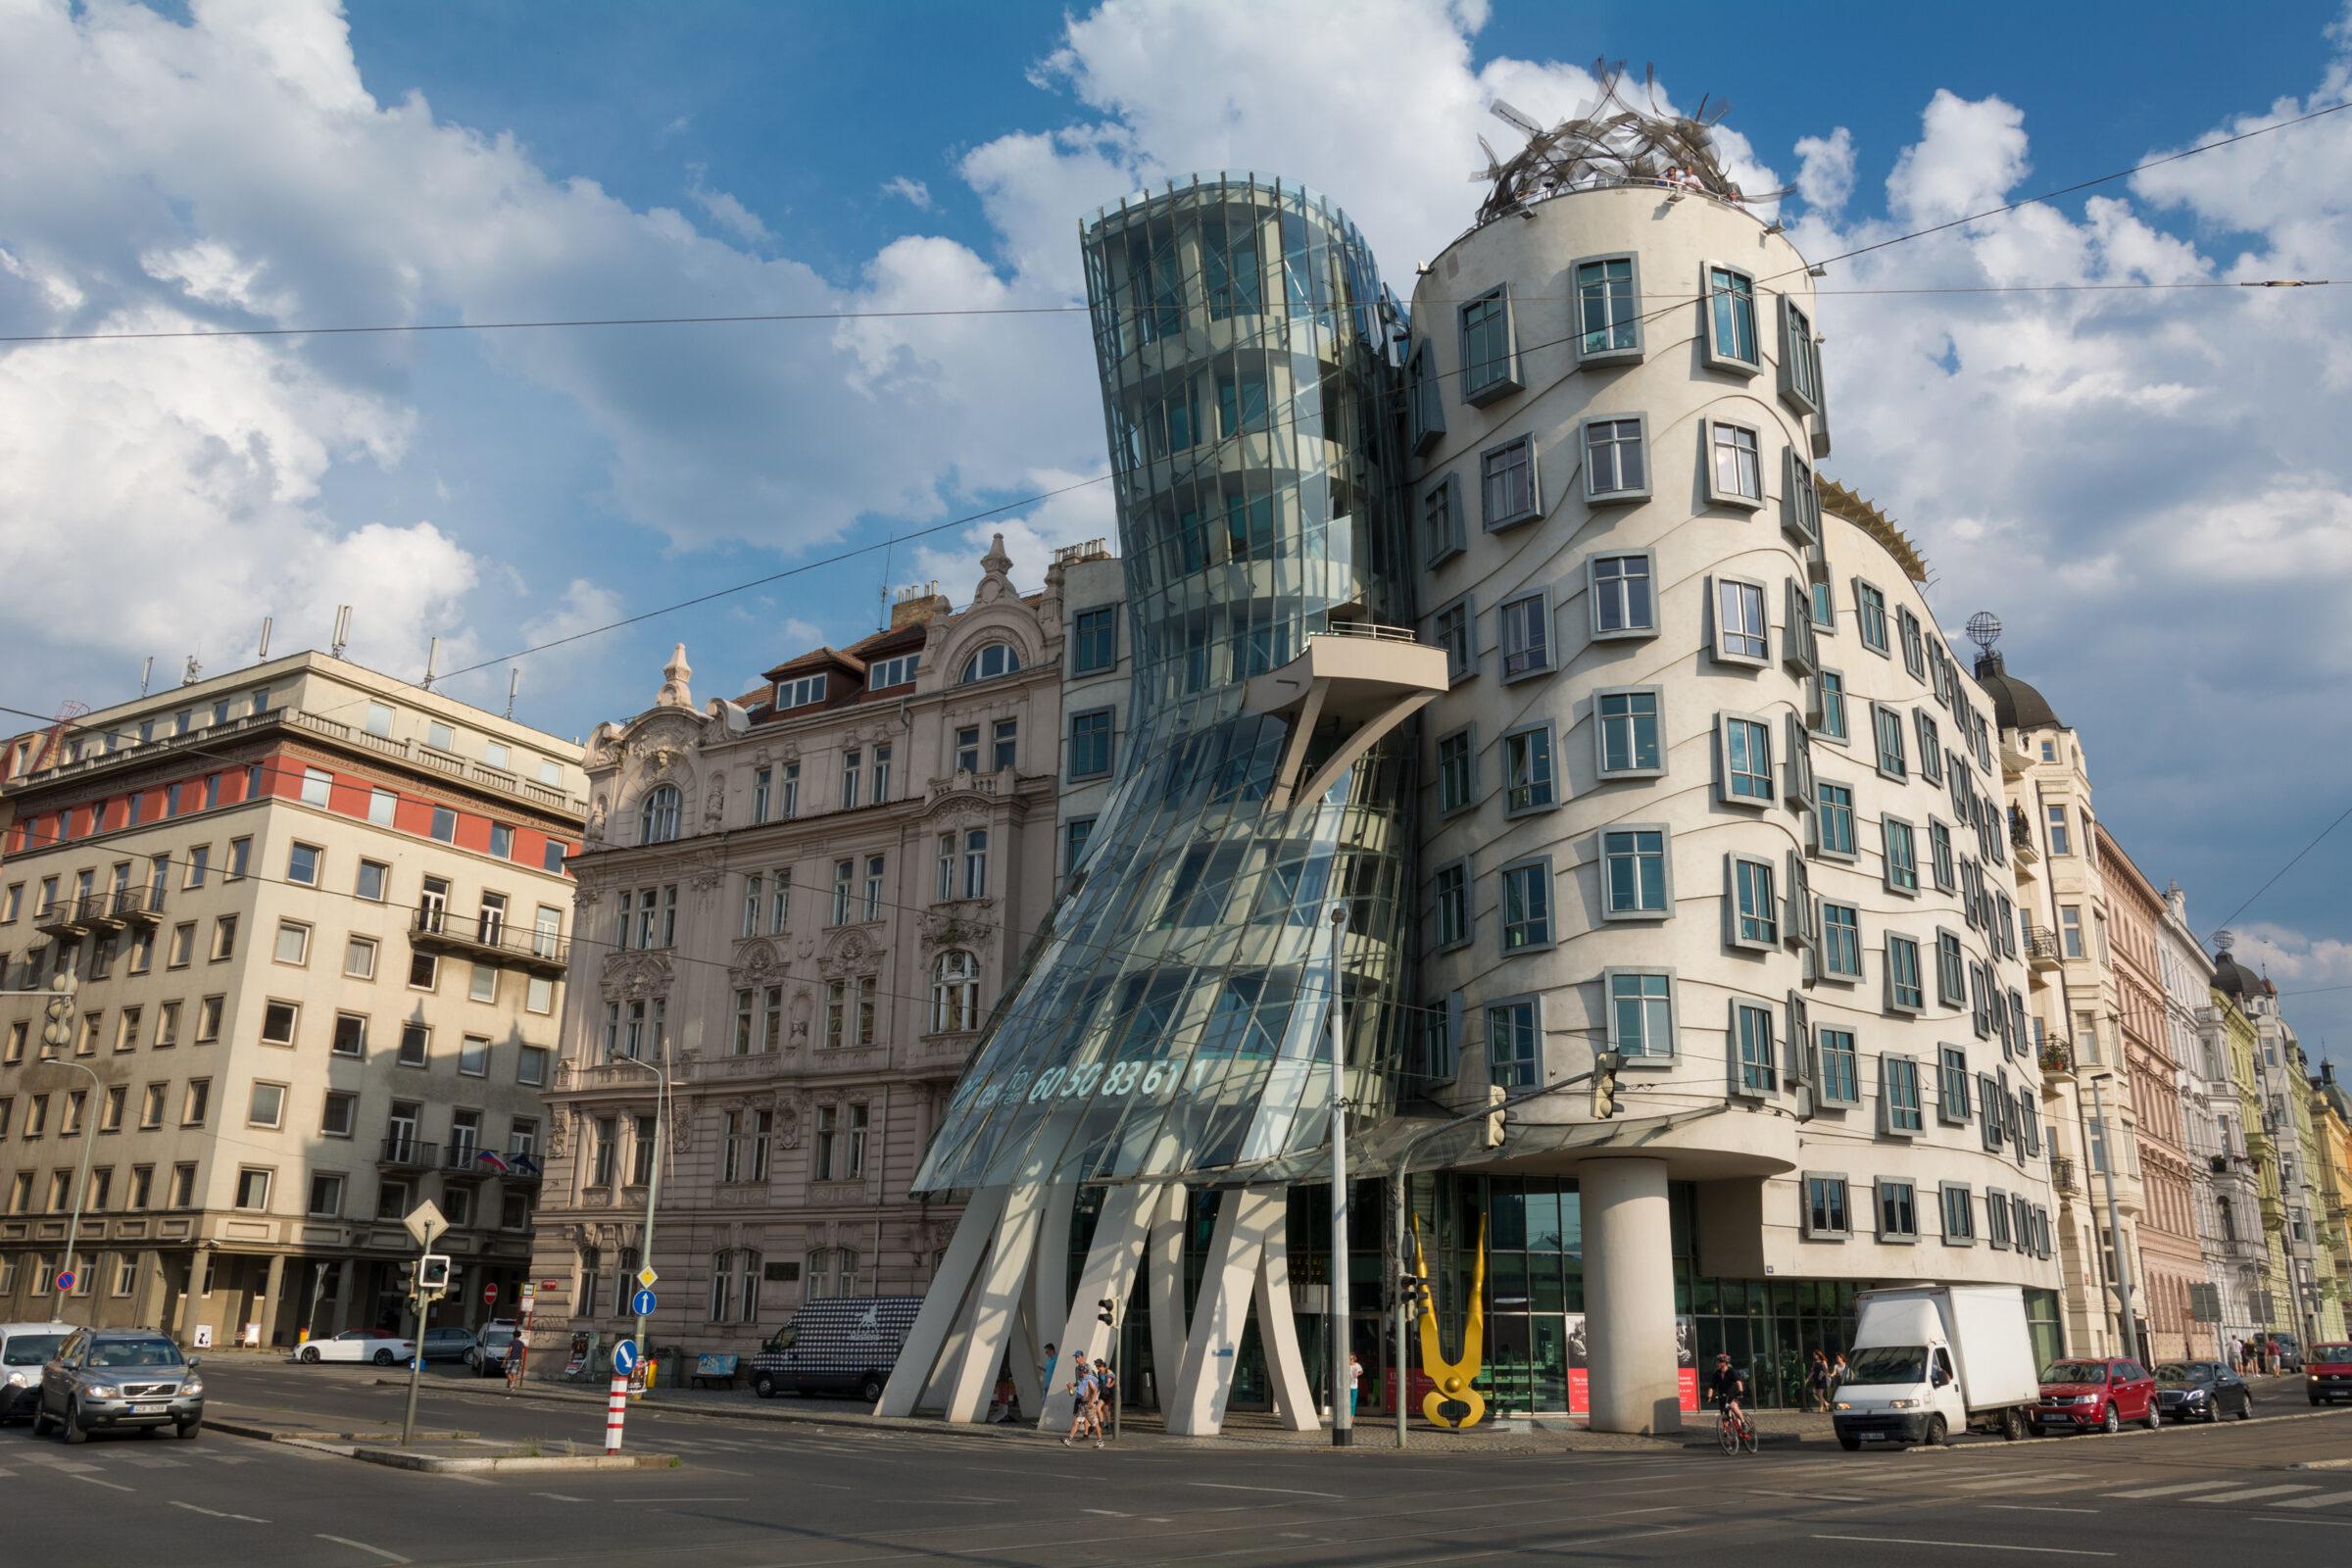 Casa danzante de Praga - Dancing House